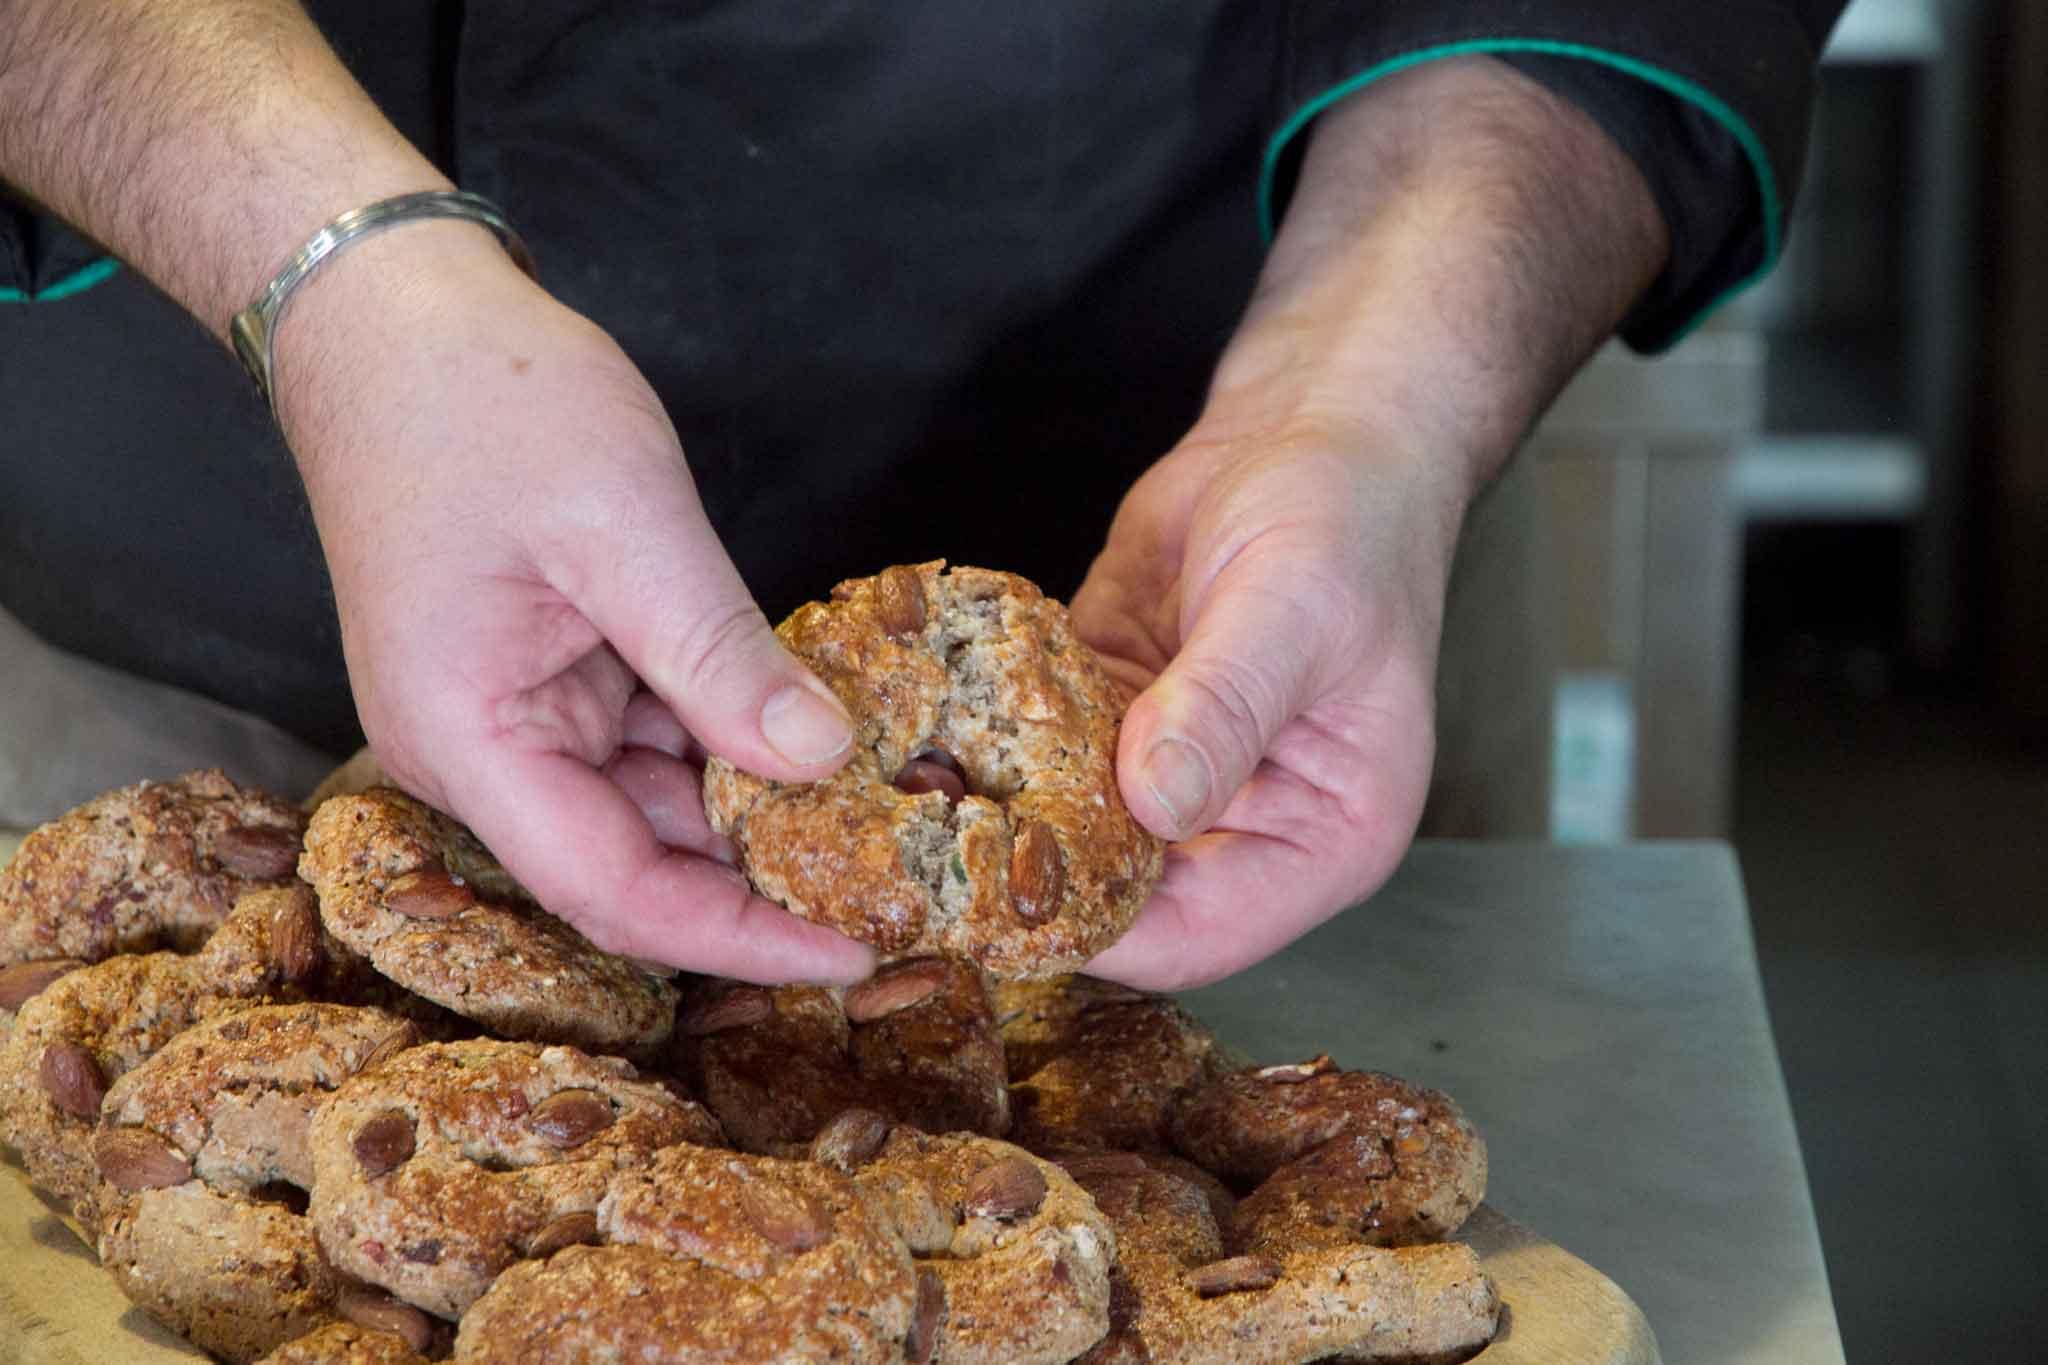 roccoco-duro-o-morbido-ricetta